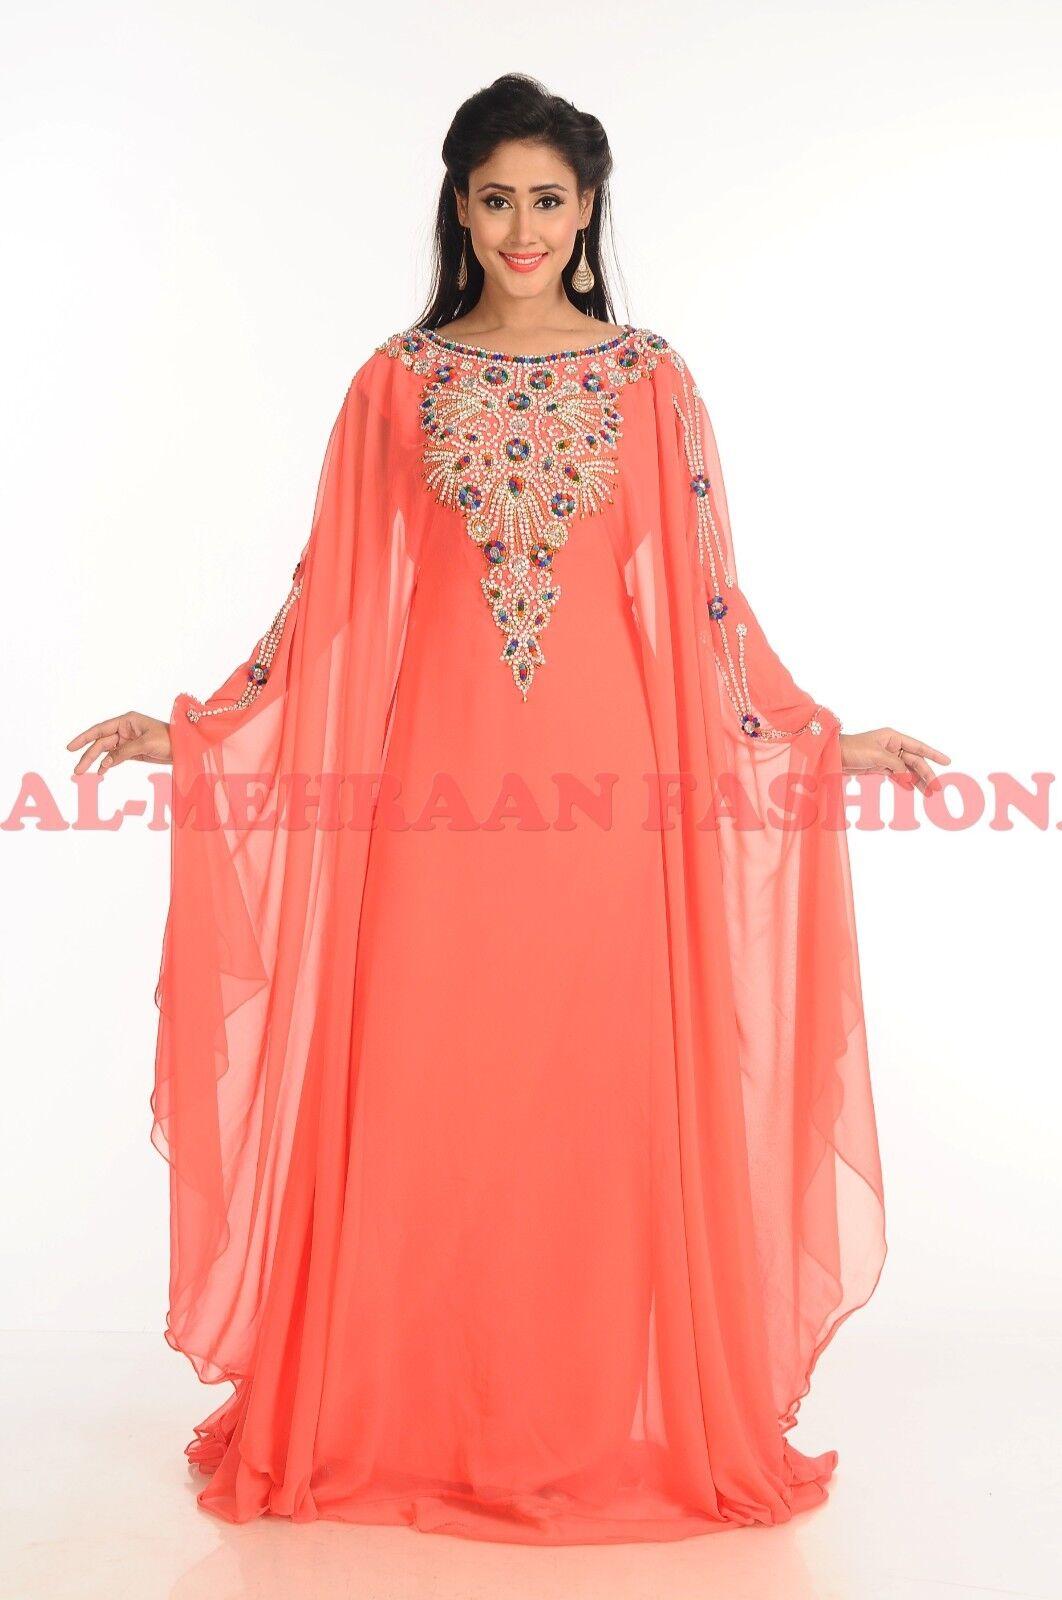 DUBAI DUBAI DUBAI MODERN BRIDAL KAFTAN DRESS BY AL MEHRAAN FASHION WEDDING GOWN DRESS 188 fac5b0